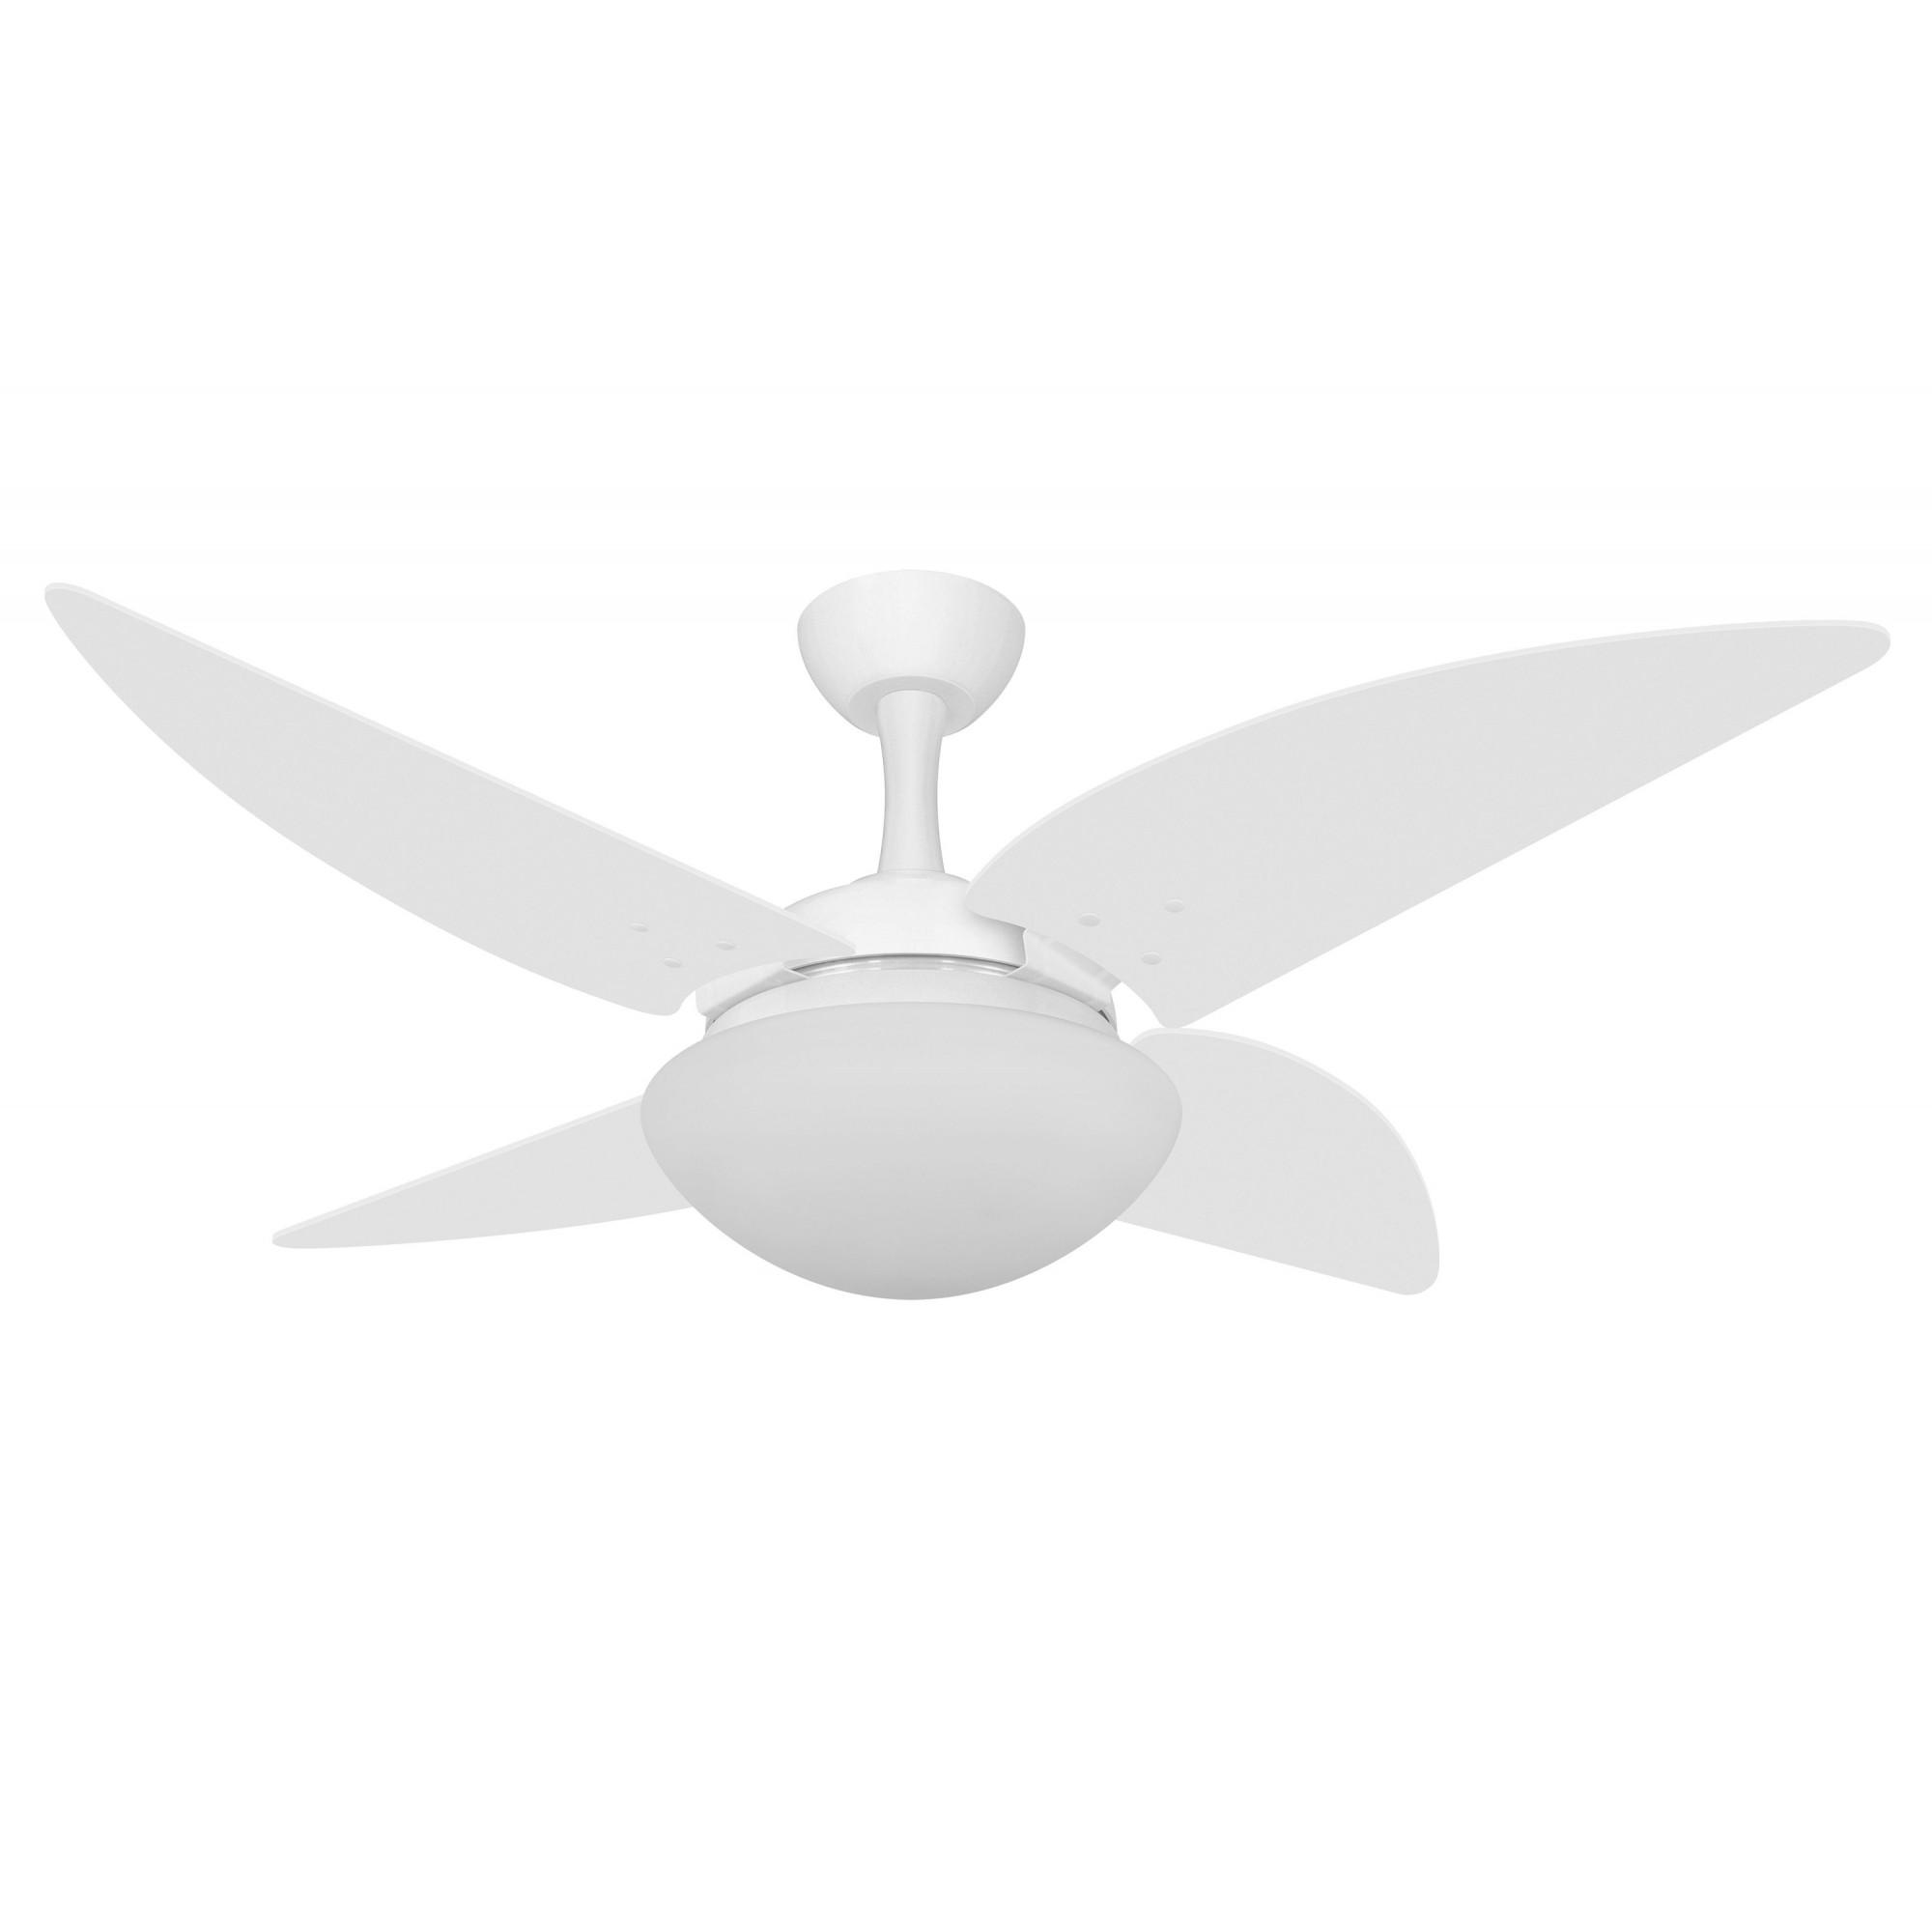 Ventilador de Teto Ventax Due Branco 4 Pás de Plastico 110V